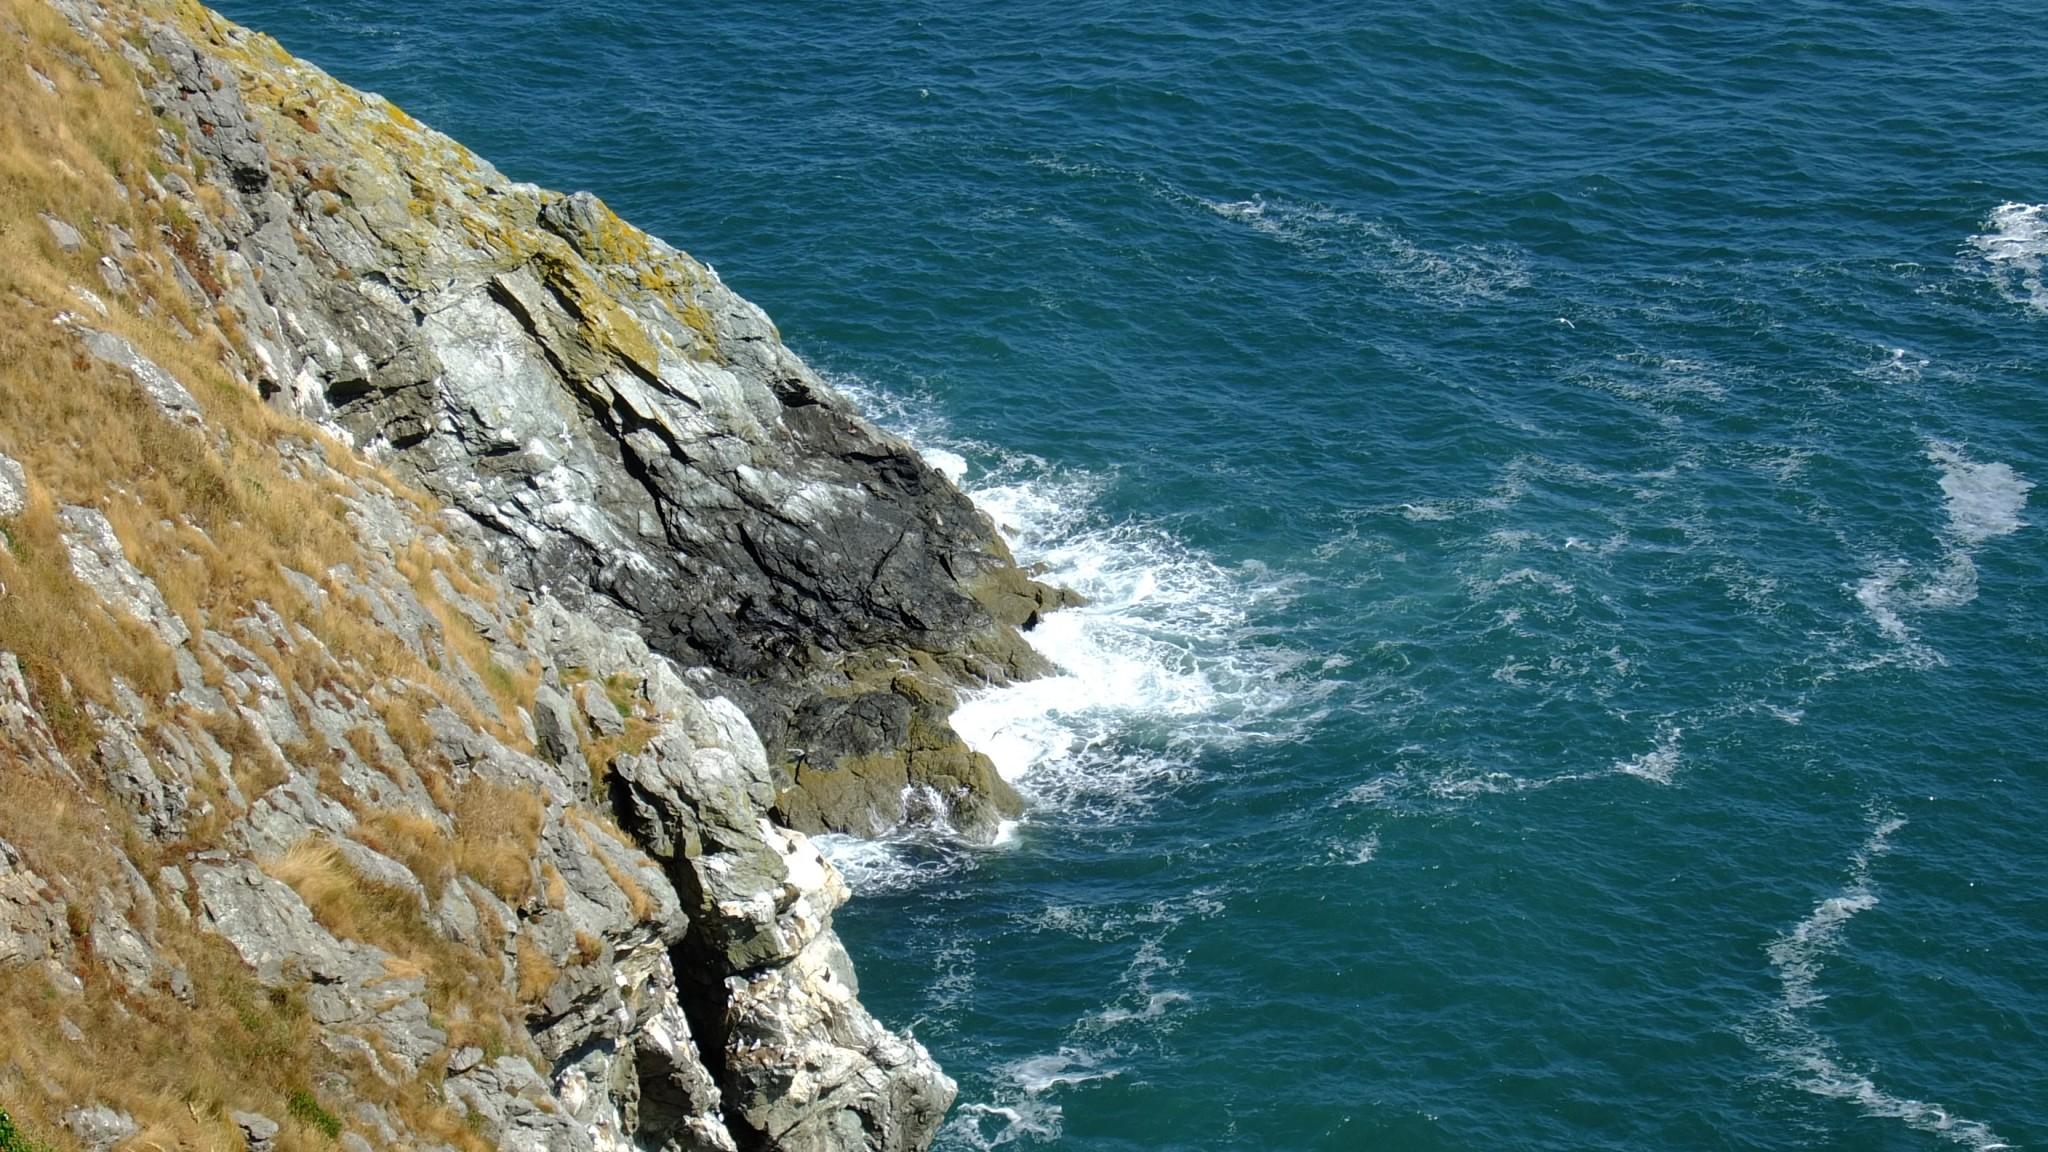 Dublinin läheltä Howthista löytyy myös kuvauksellisia jylhiä kallioita jos ei kerkeä lähteä kauemmas lyhyellä lomalla.